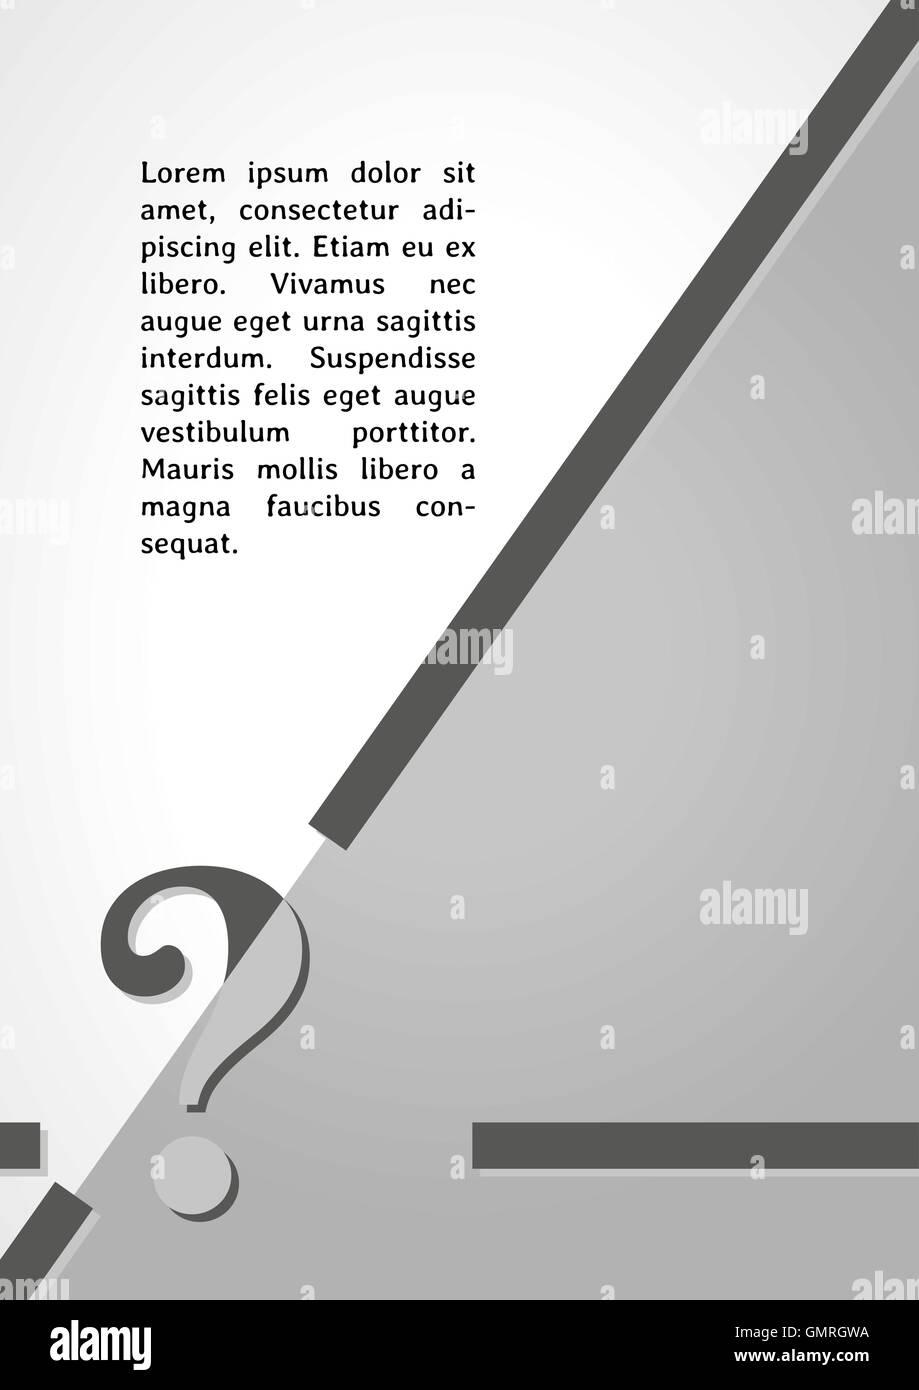 Vector Infographic Template Question Mark Stock Photos & Vector ...